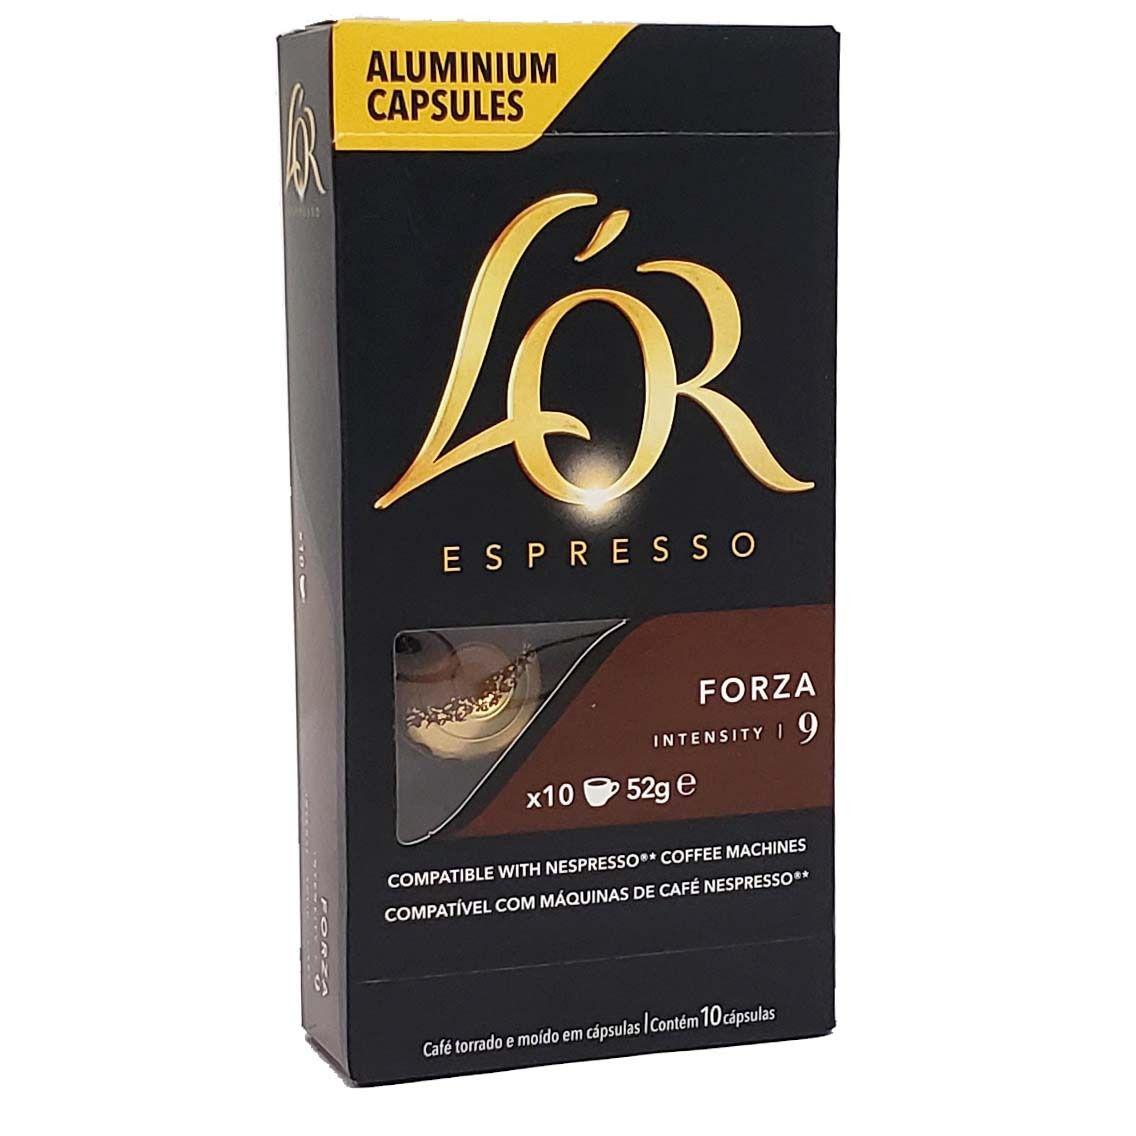 Café em Capsulas Forza 9 L'OR Espresso - 10 x 52g -